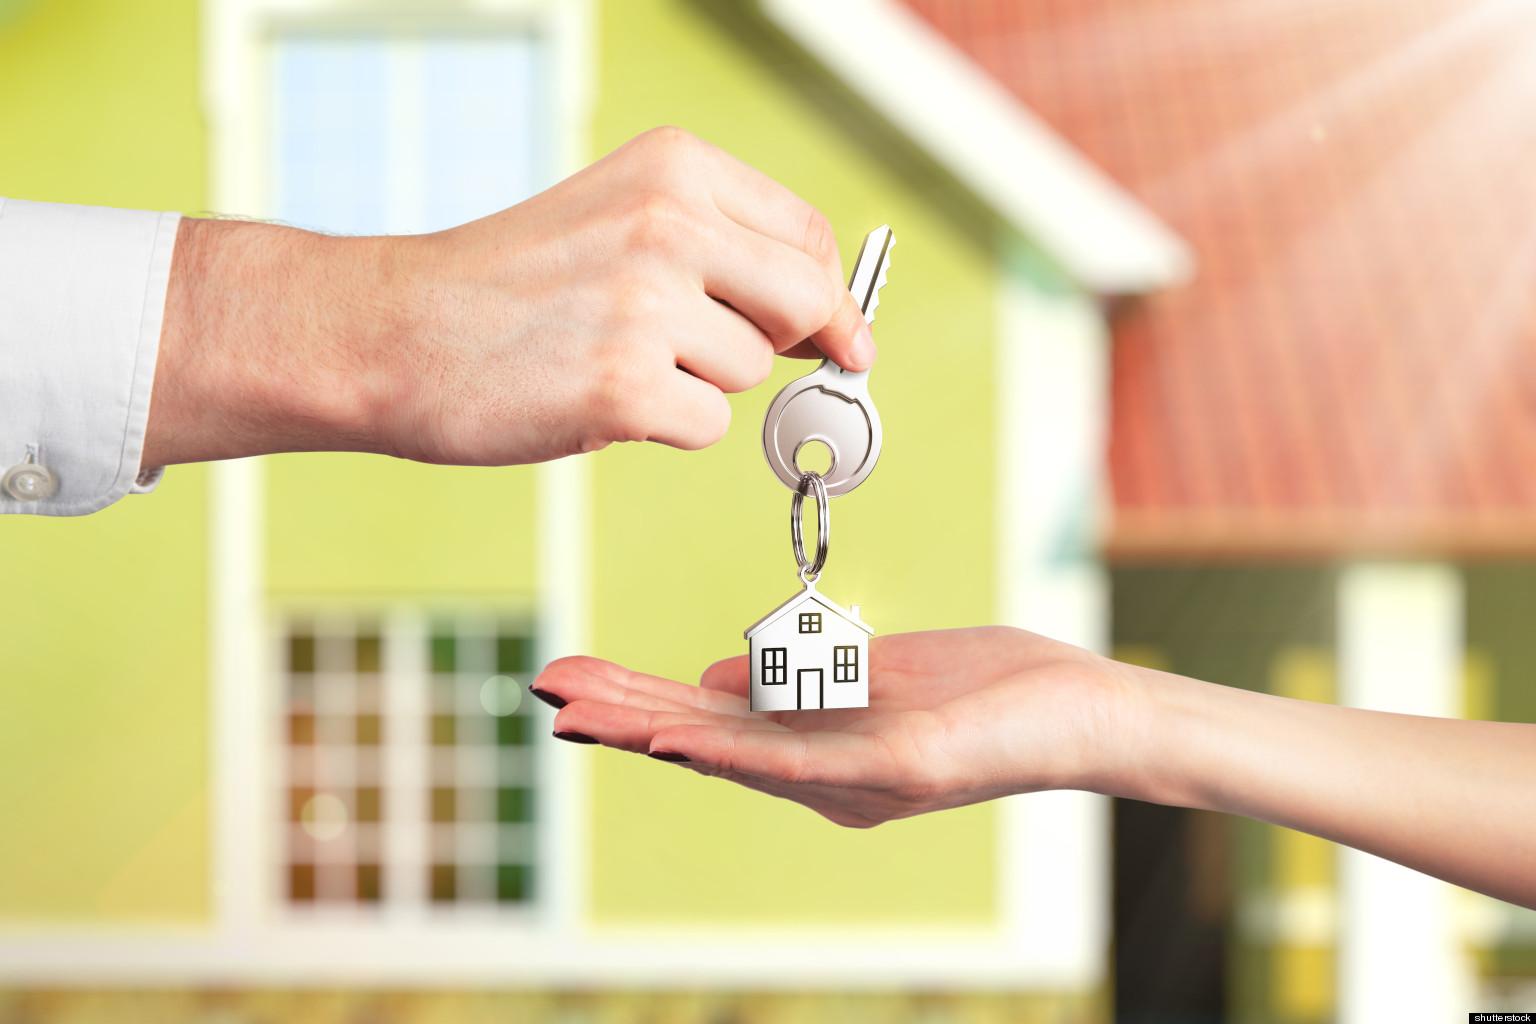 ВТатарстане зафиксировали наихудшую динамику доступности ипотеки